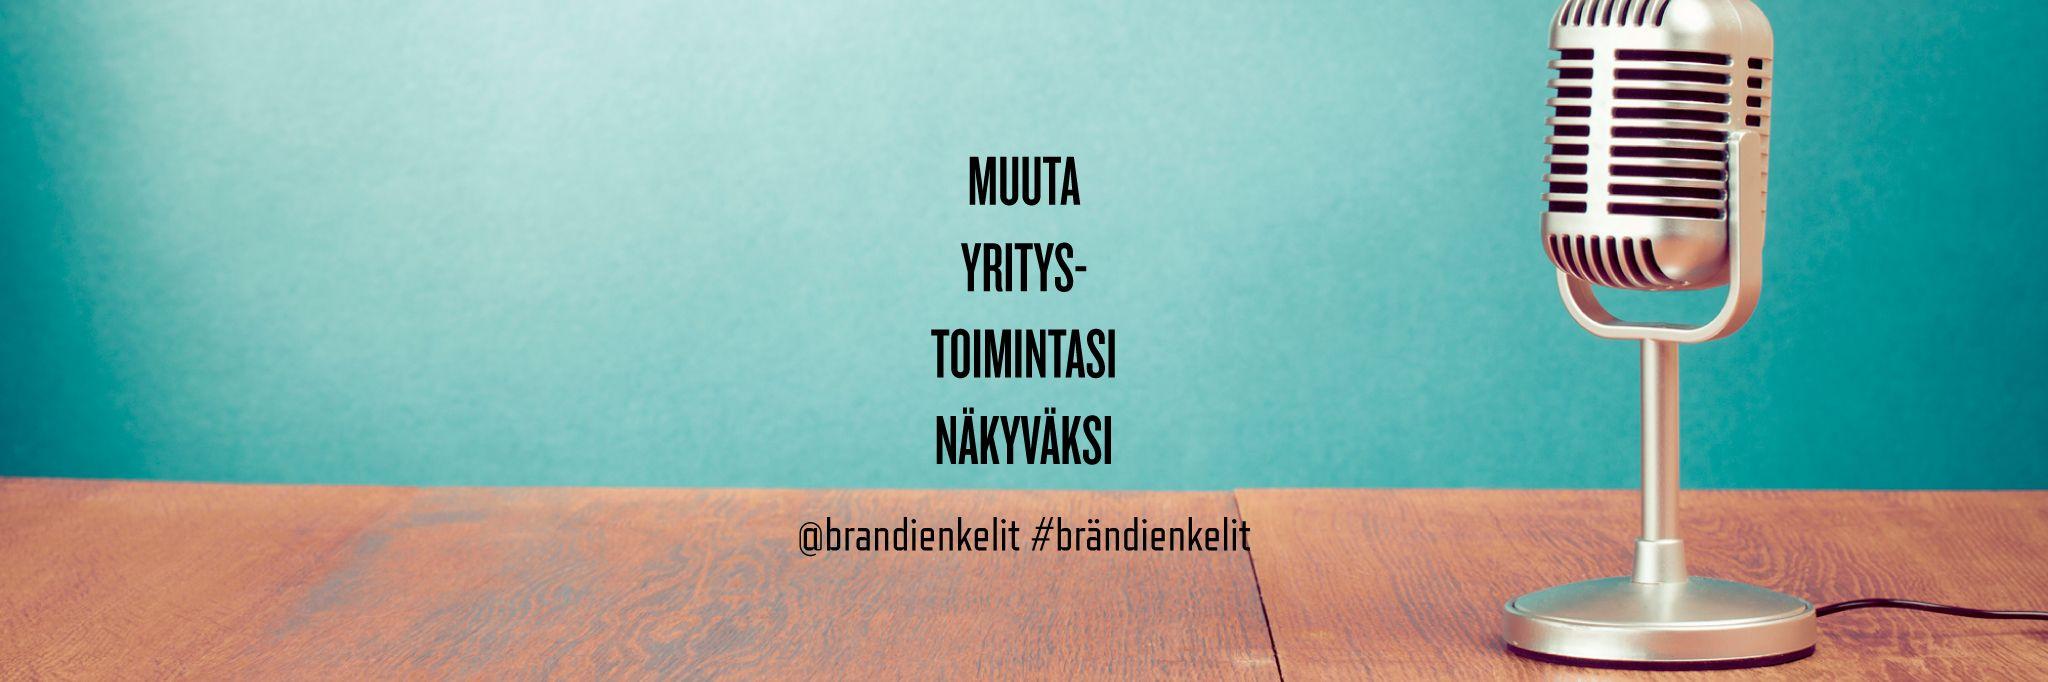 Brändienkelit-verkkosivuston kuvabanneri. Visuaalinen toteutus oman ammattitaidon ylläpitämiseksi. Natasha Varis, 2015. – http://www.brandienkelit.fi/